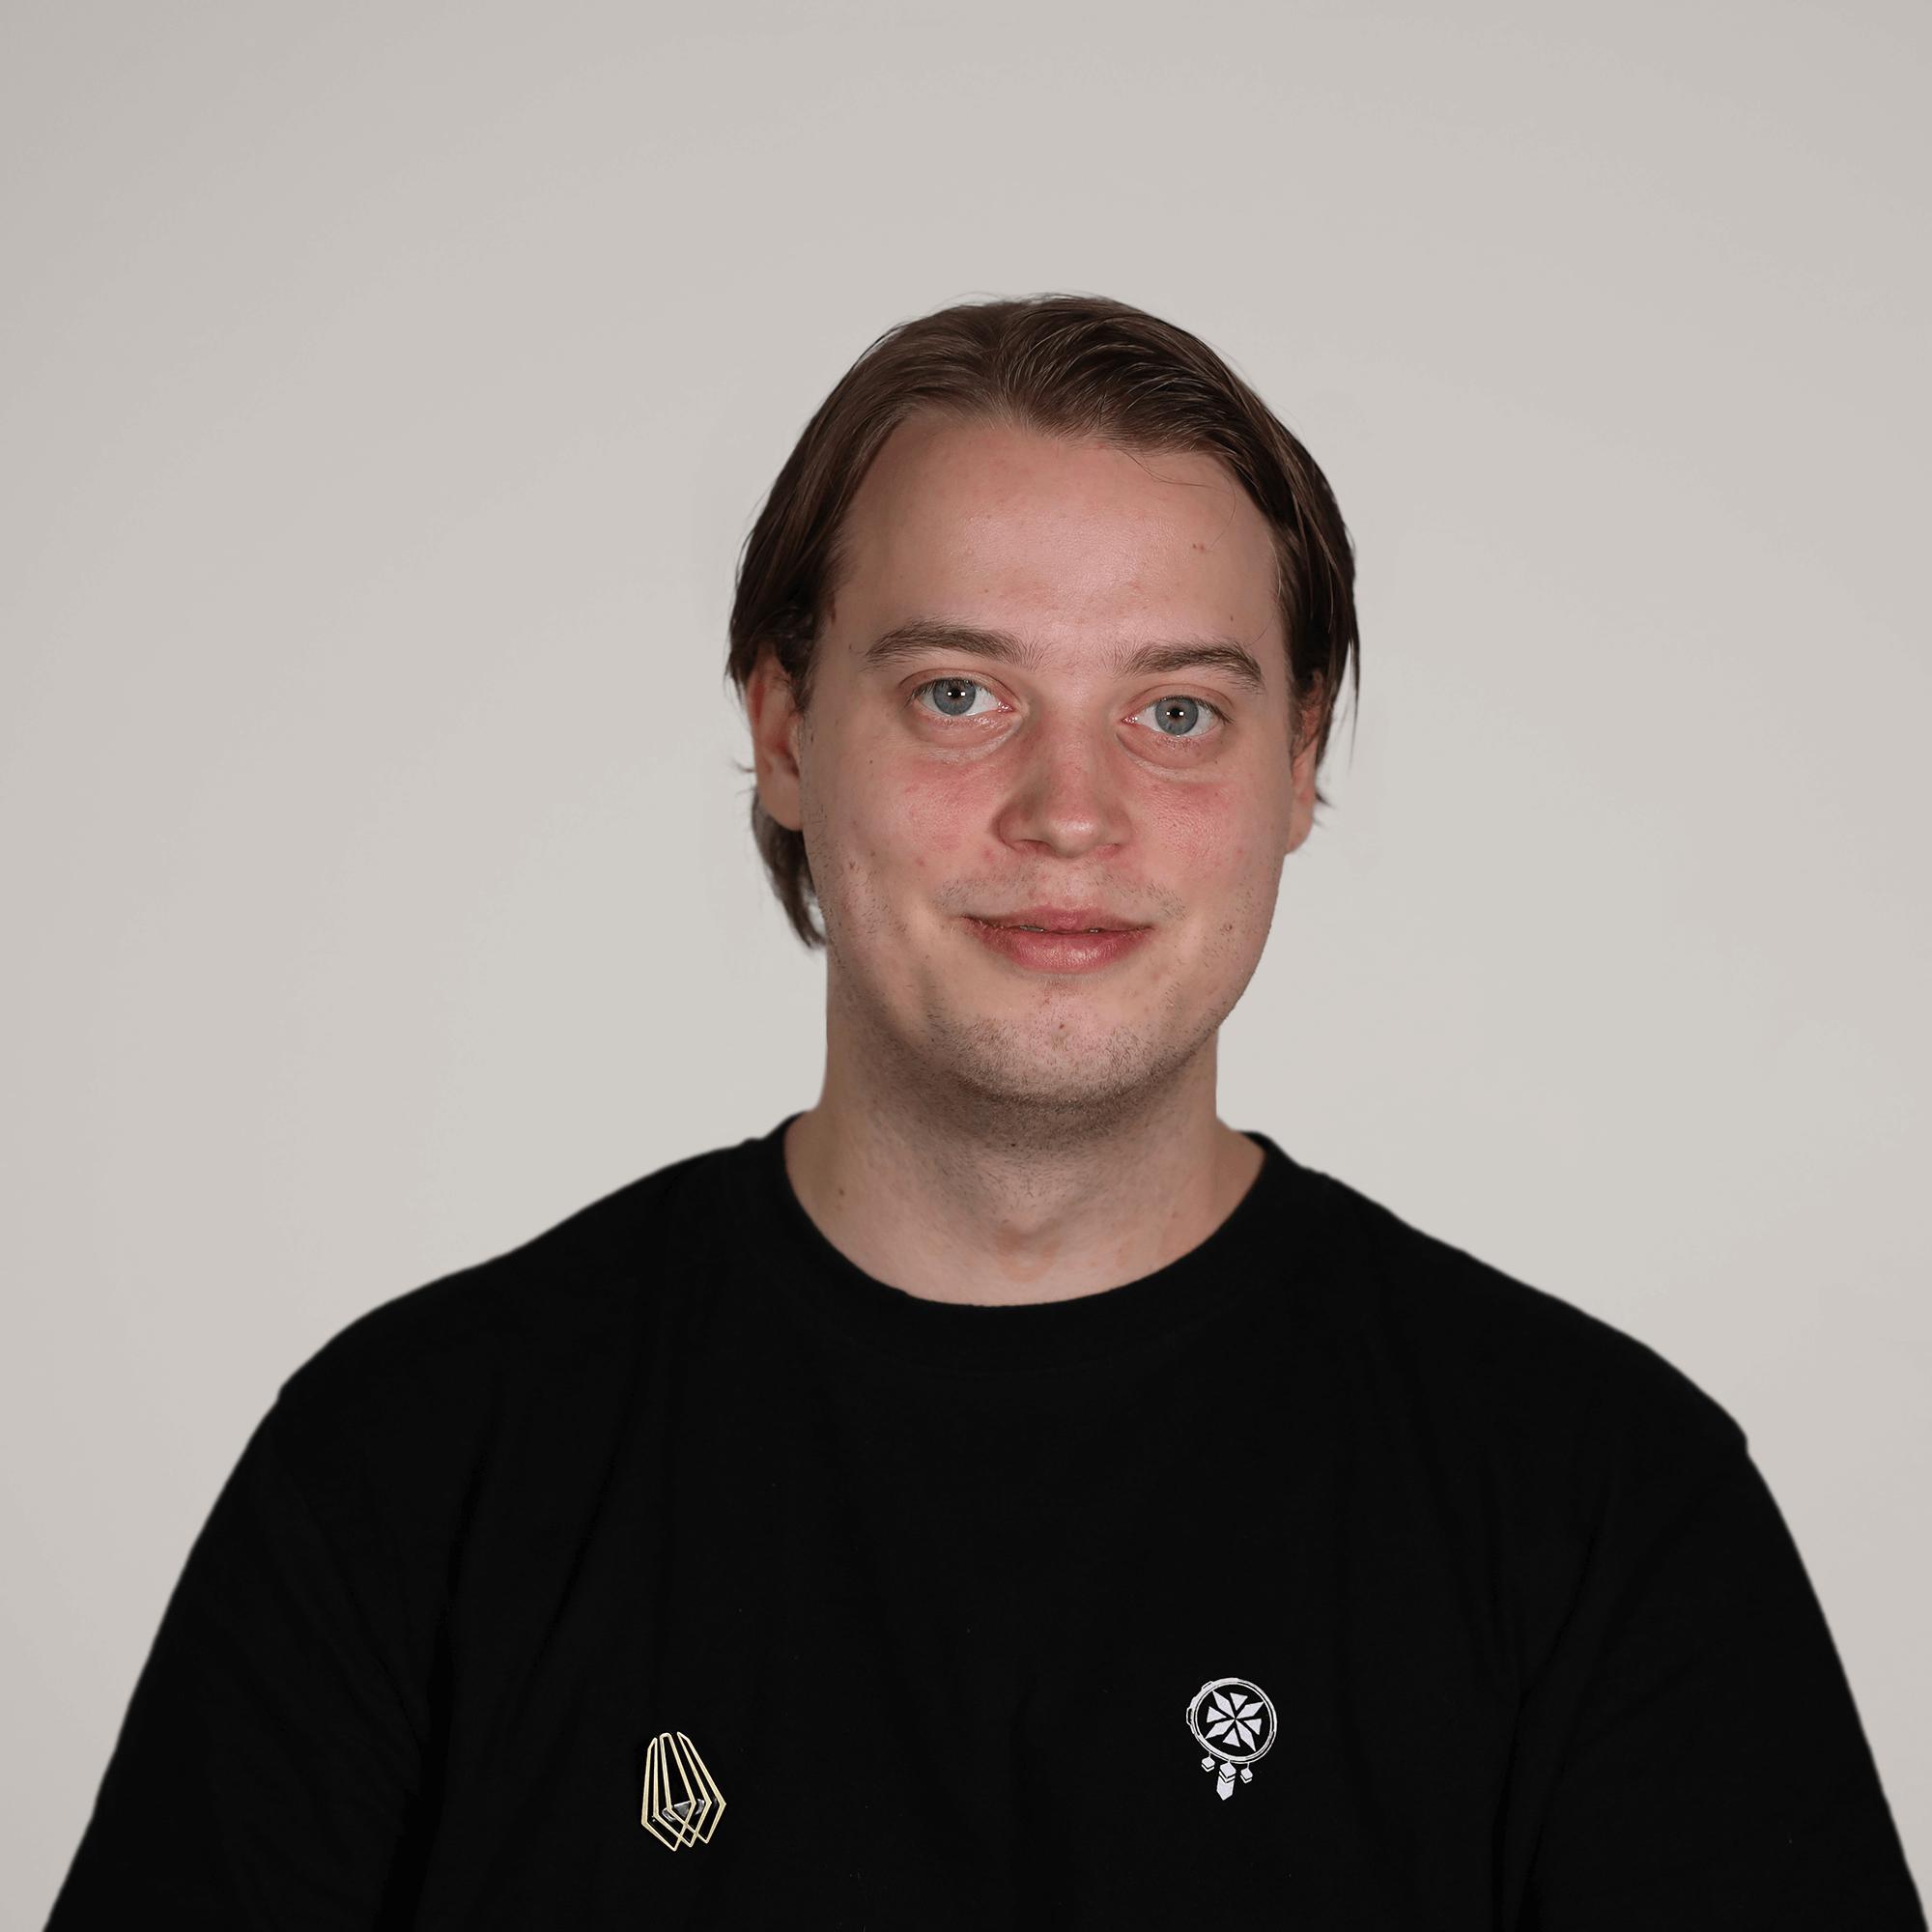 Mathieu Vantricht